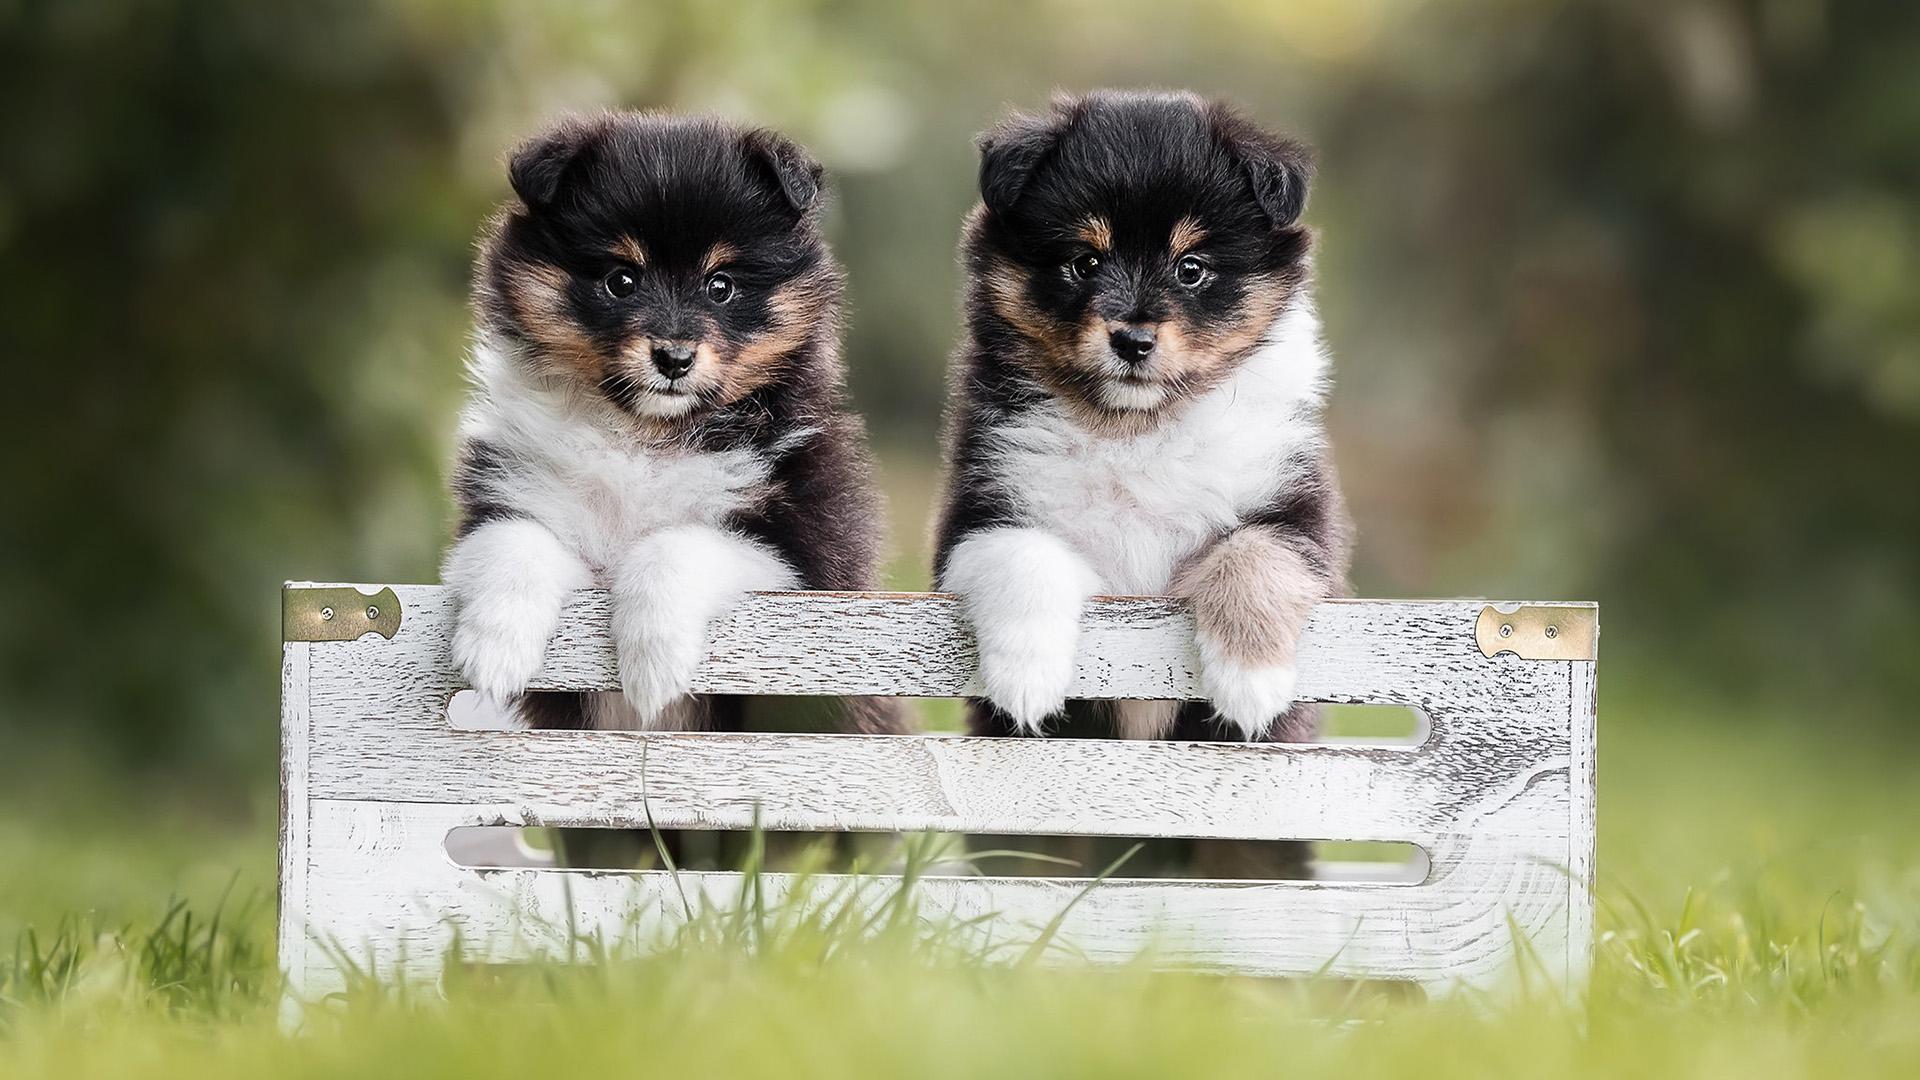 萌宠动物,汪星人,狗兄弟,可爱,草地